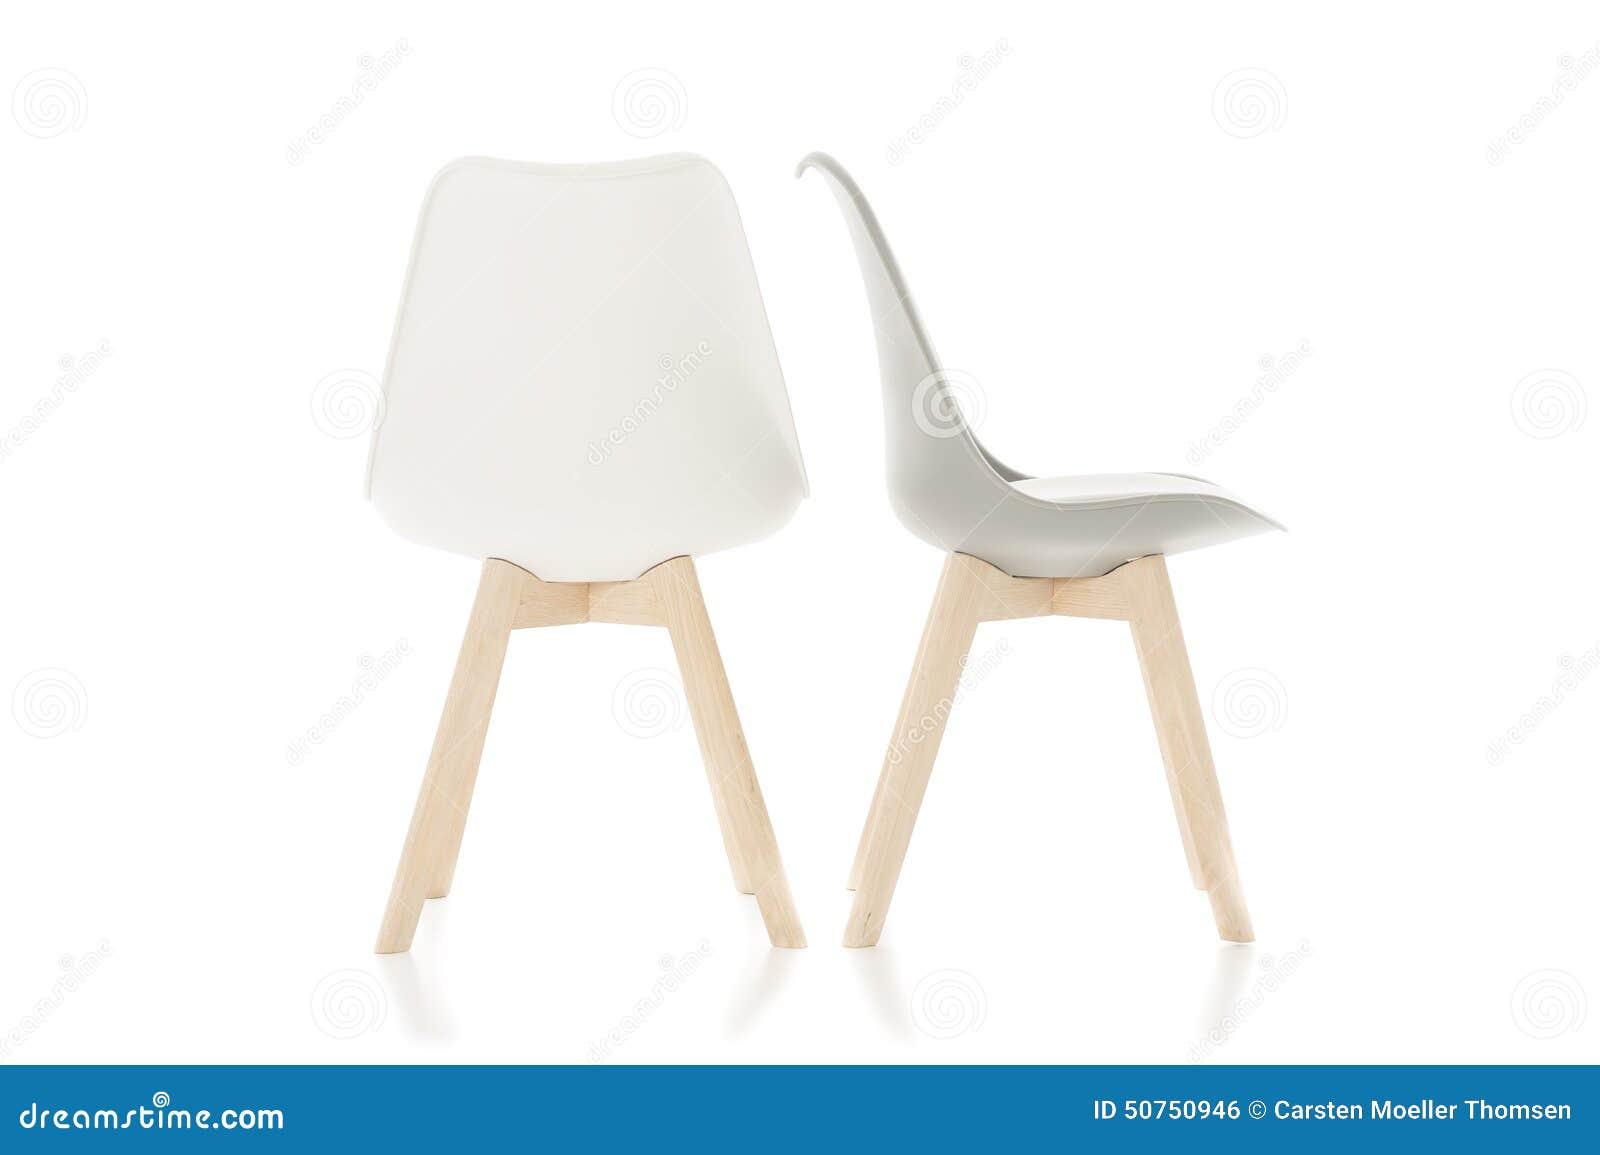 Bemerkenswert Weisse Stühle Sammlung Von P